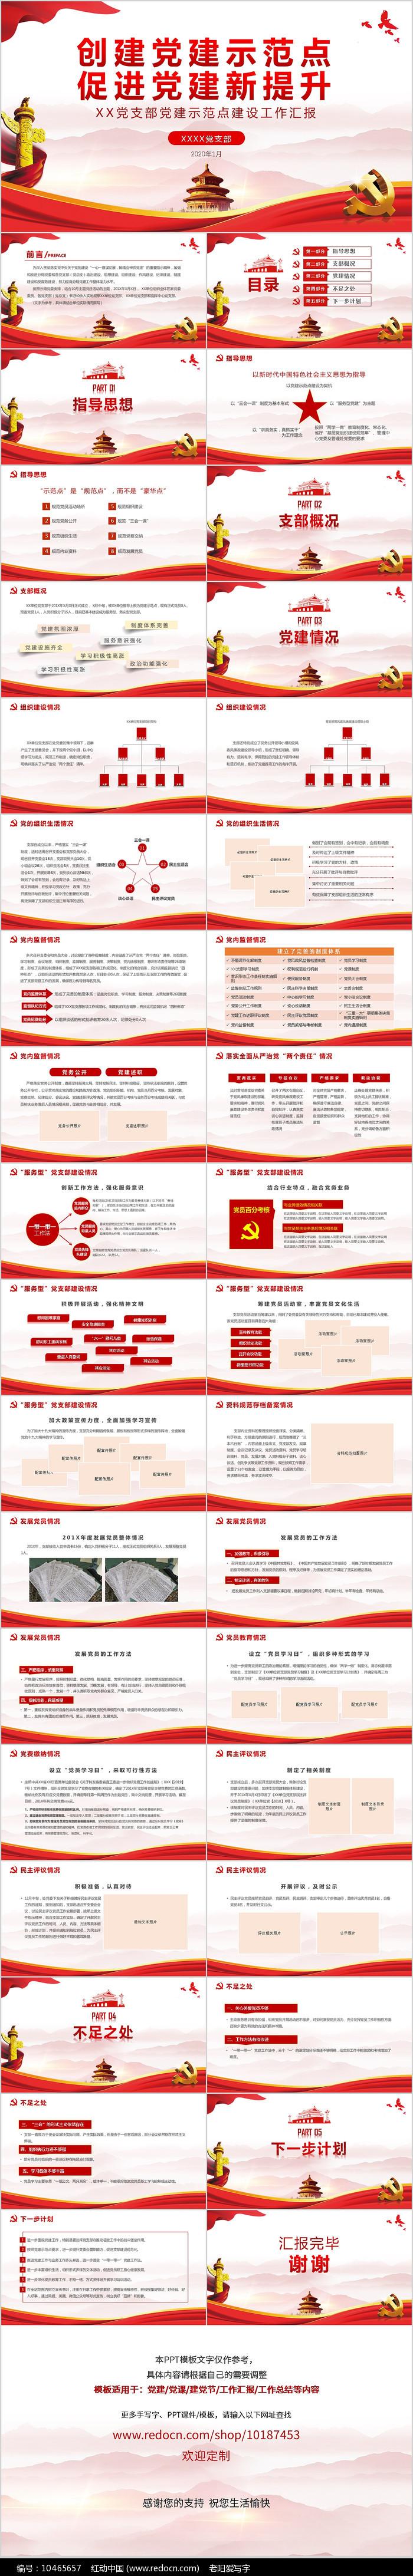 党建示范点创建汇报党建工作总结PPT模板图片